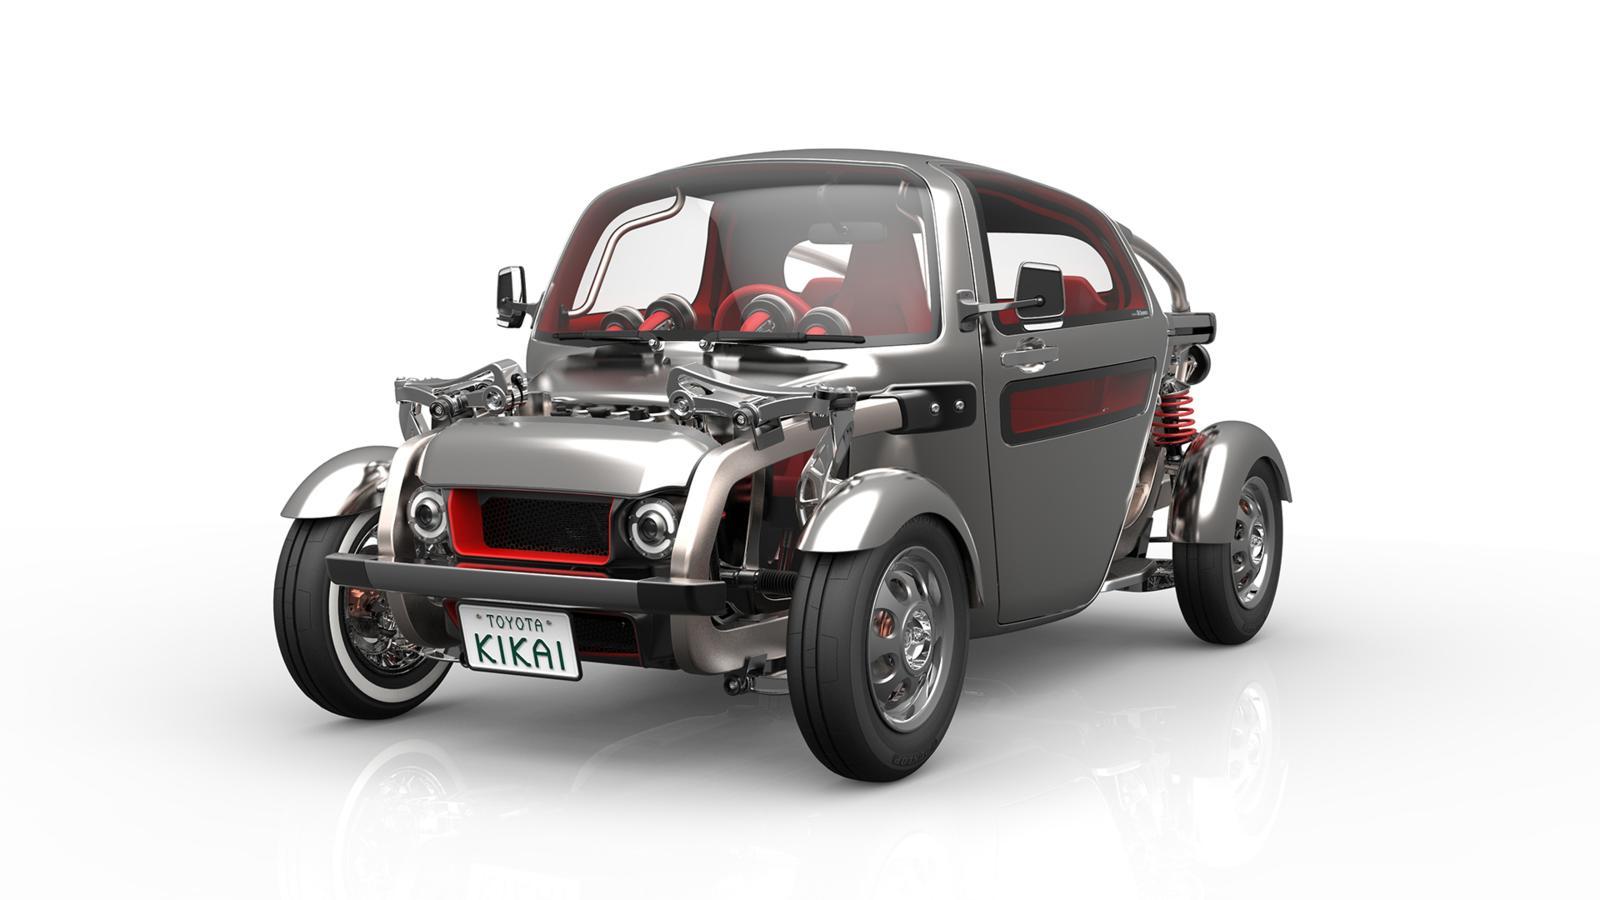 Toyota Kikai 2015 Concept Car-2